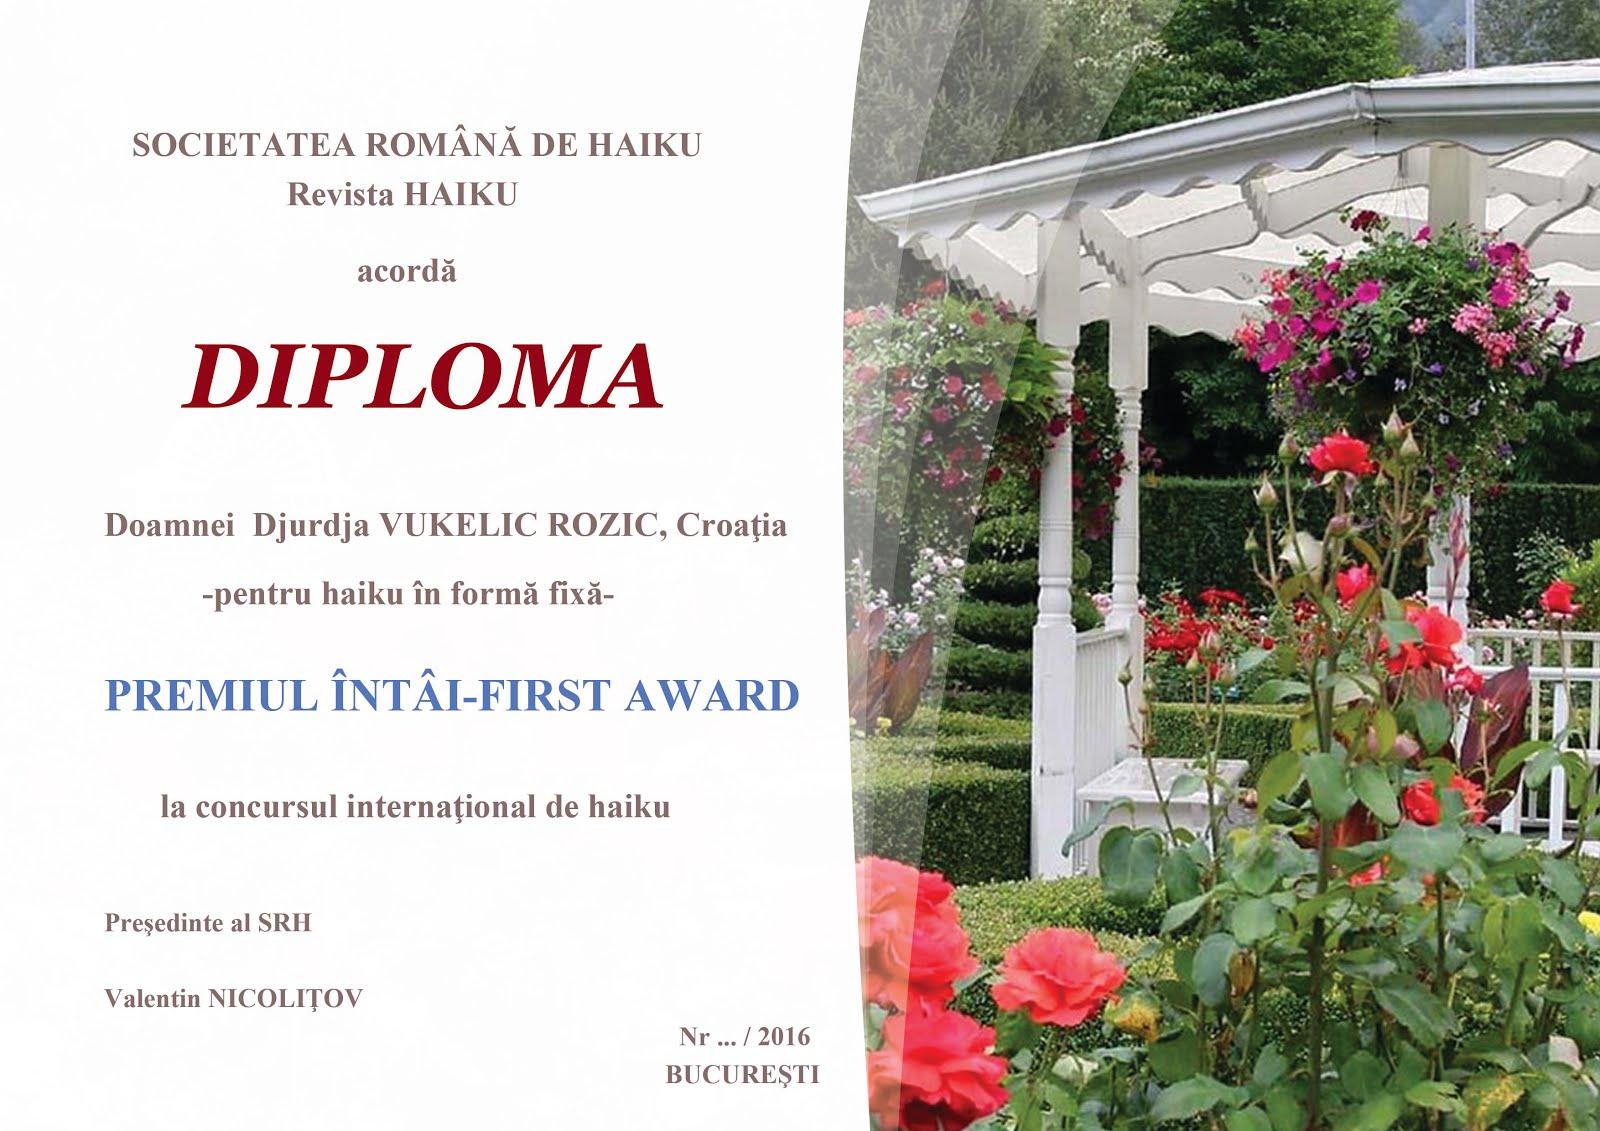 Diploma 2016